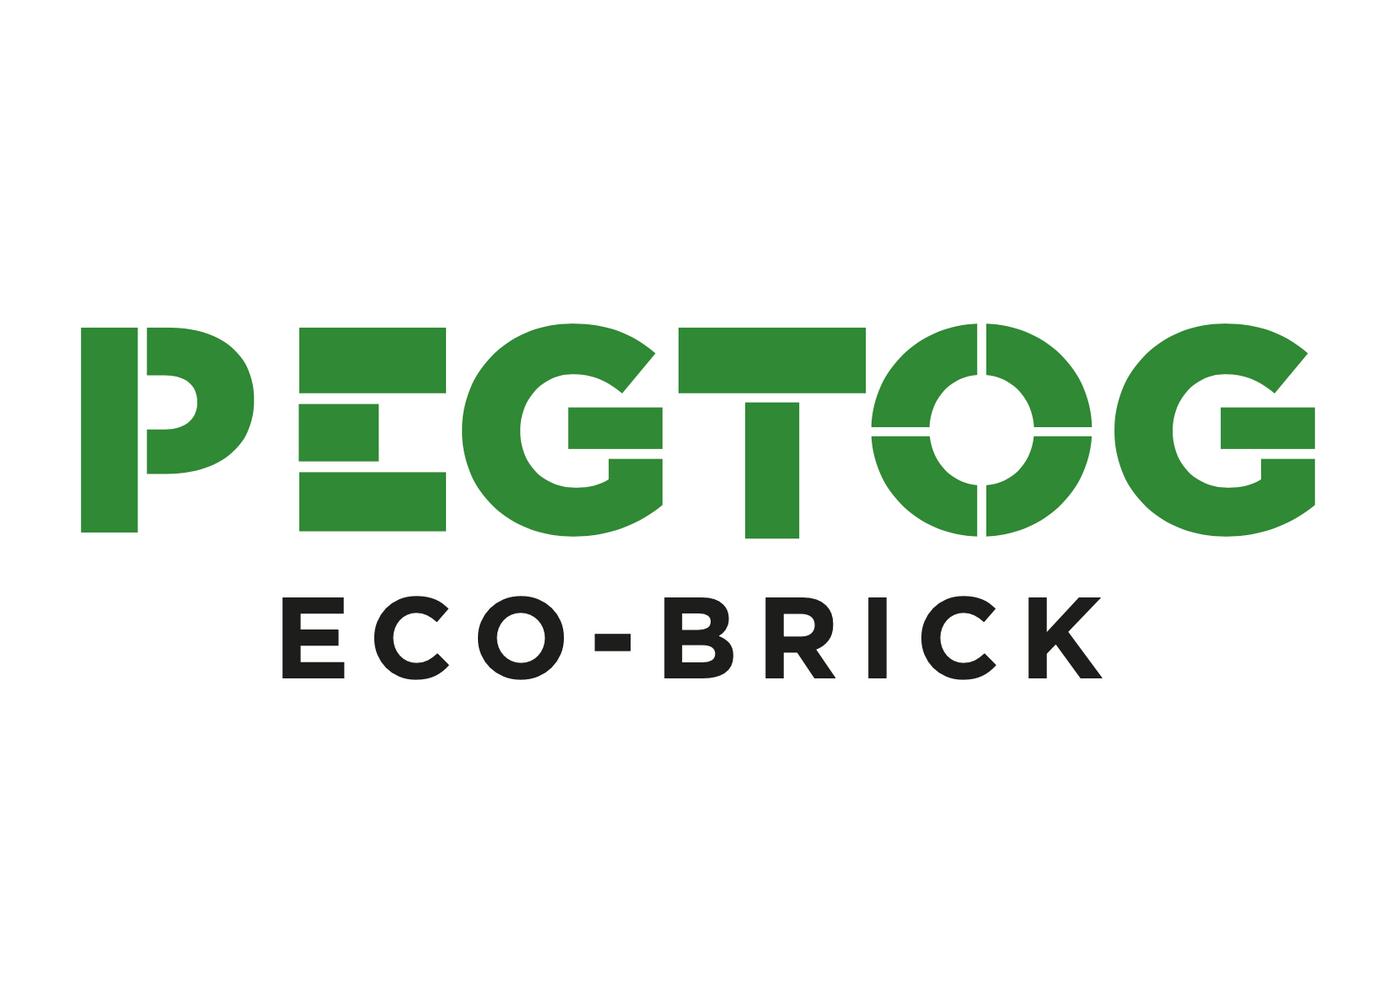 PEGTOG ECO-BRICK